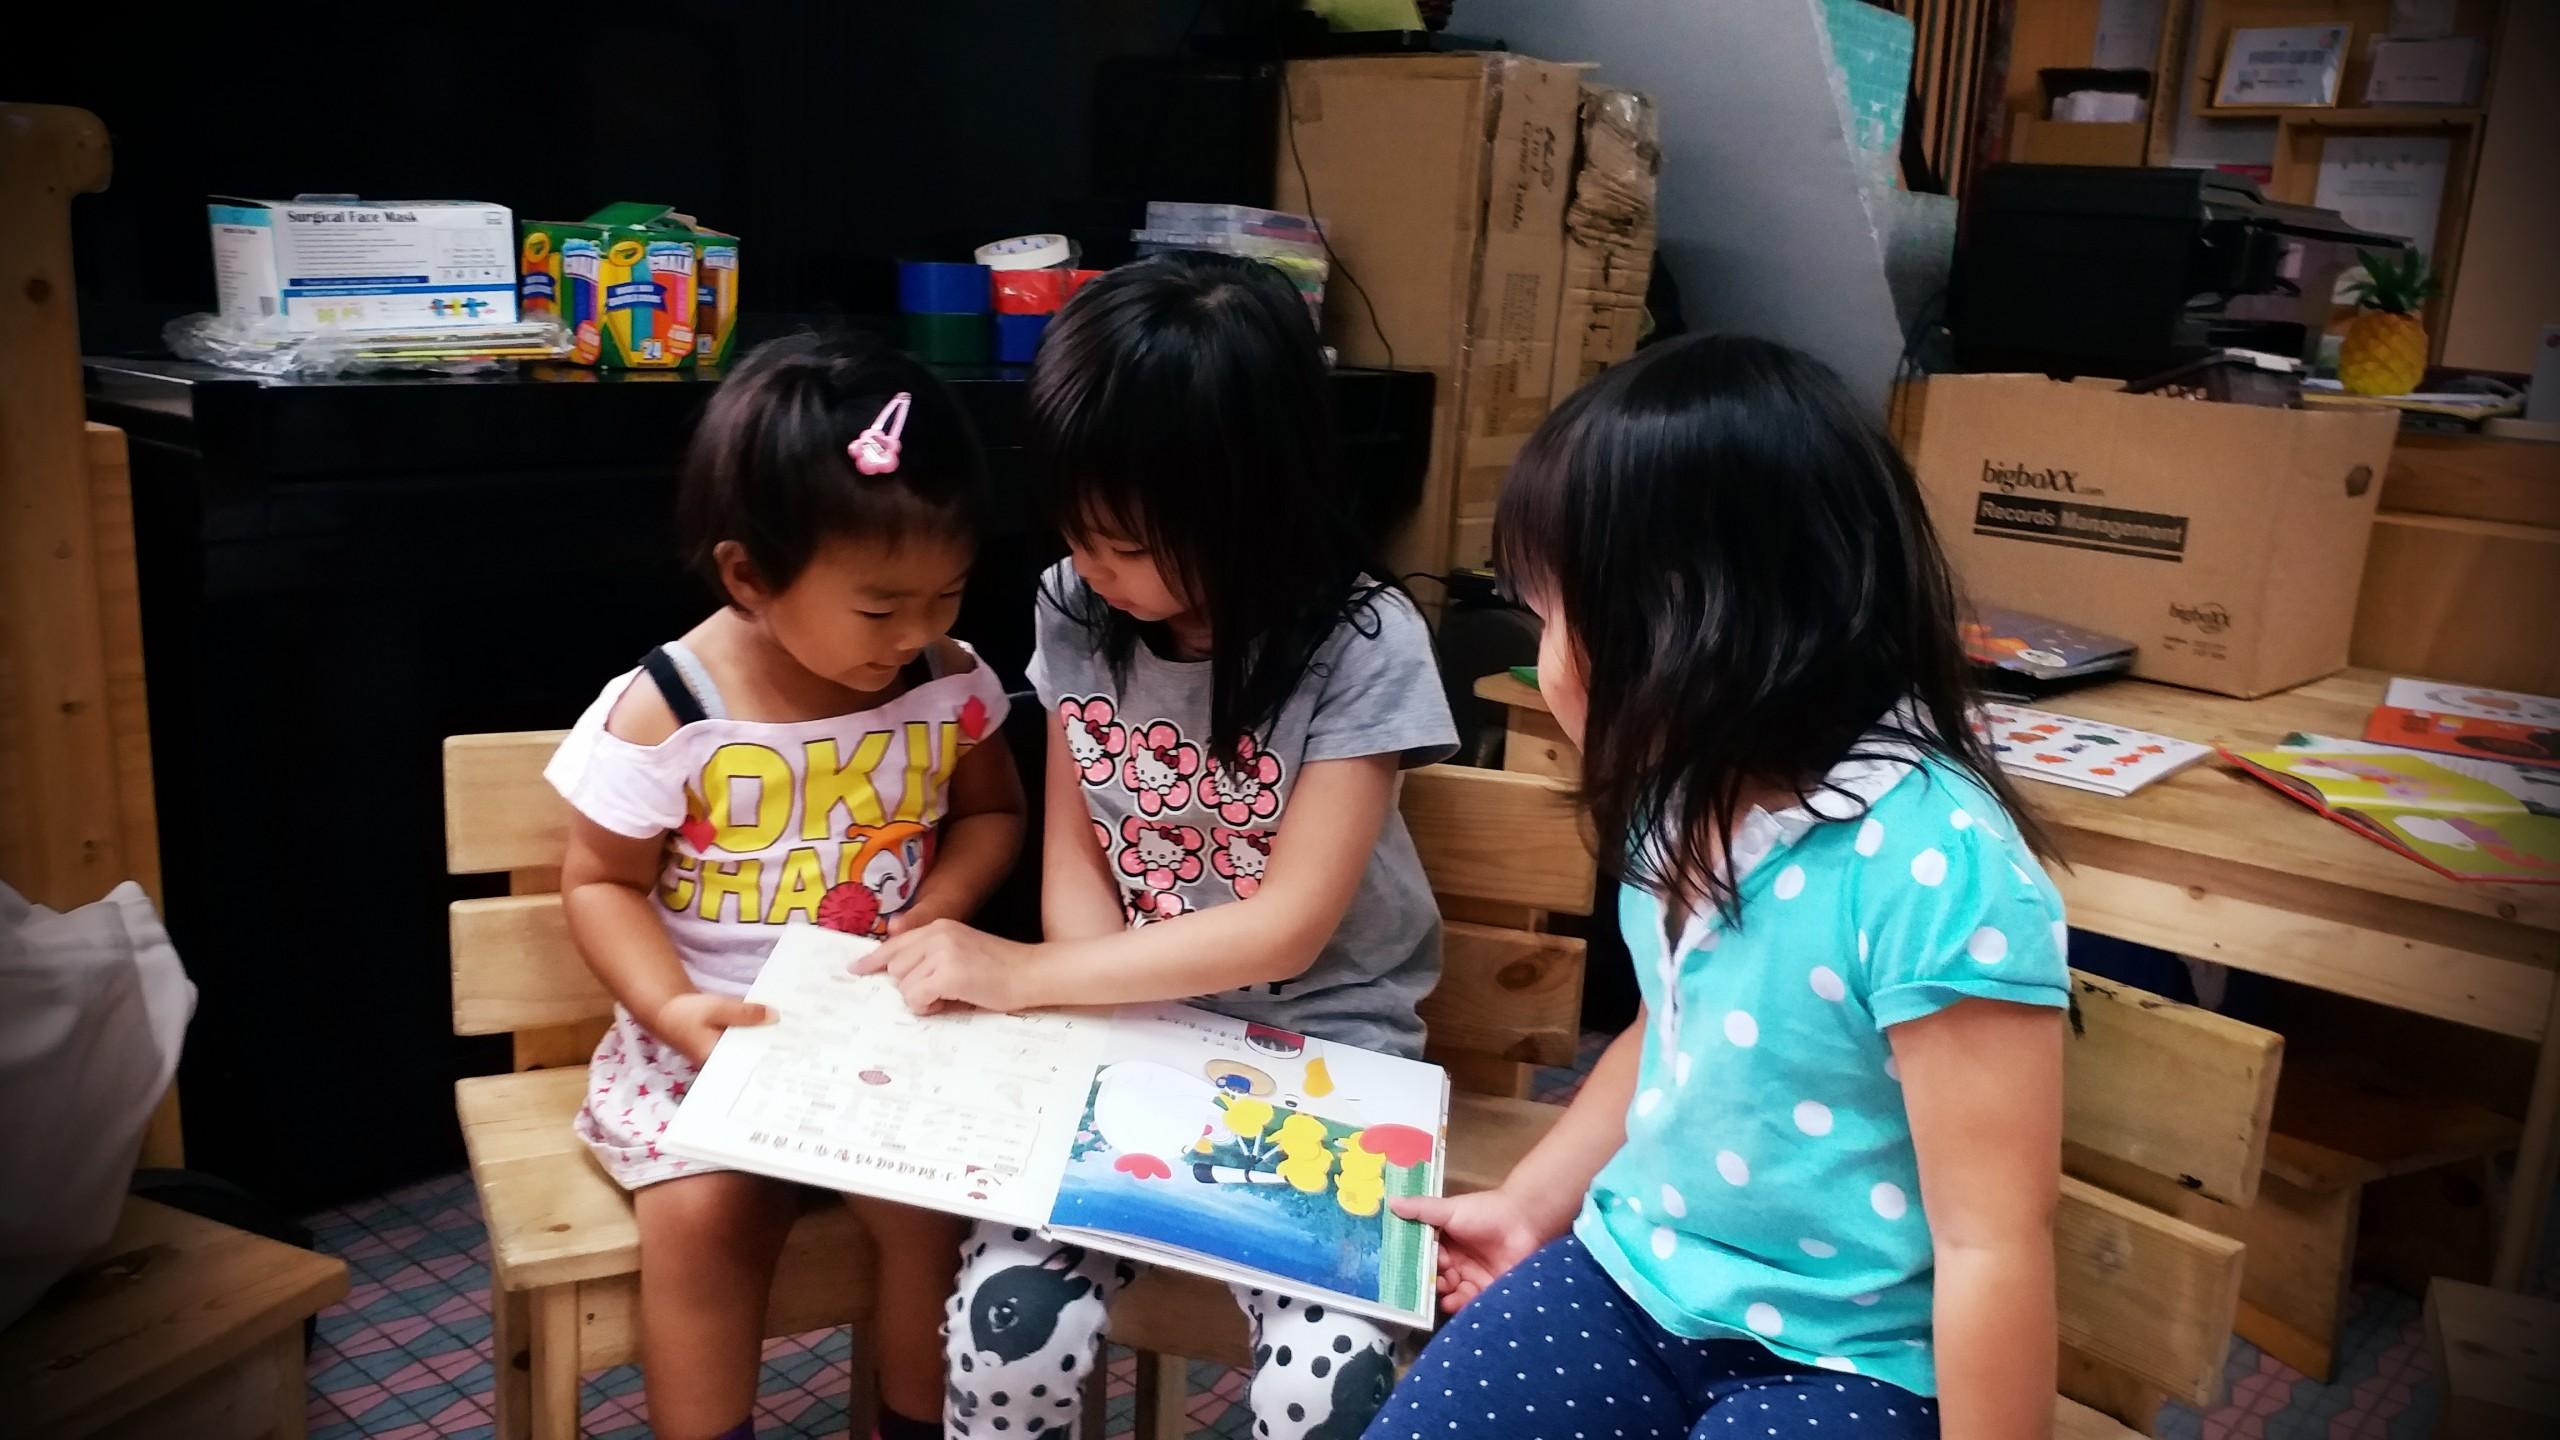 百好繪本士多|寶寶繪本故事時間#4月(適合 0-3歲孩子和照顧者)